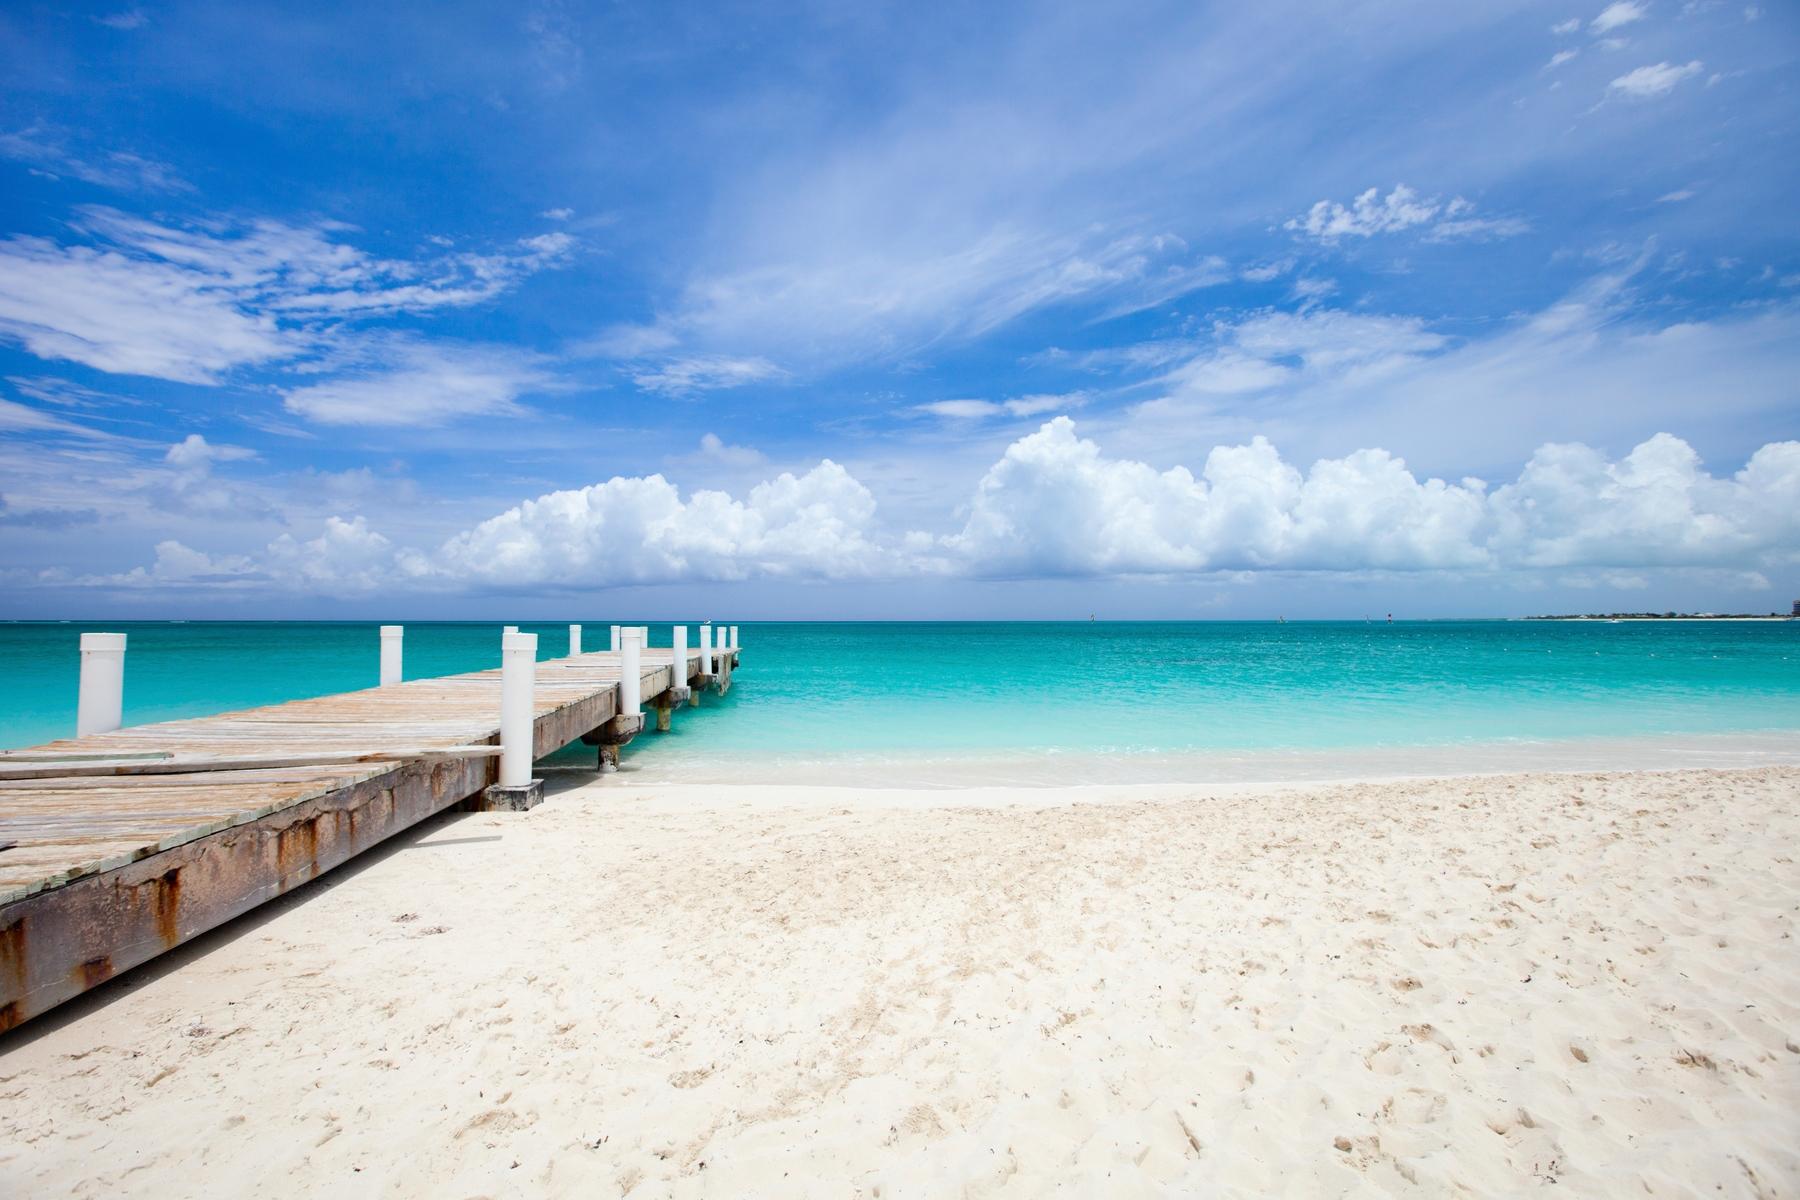 Самый красивый пляж в мире: Грейс-Бэй, остров Провиденсиалес. Тёркс и Кайкос, Британская заморская территория